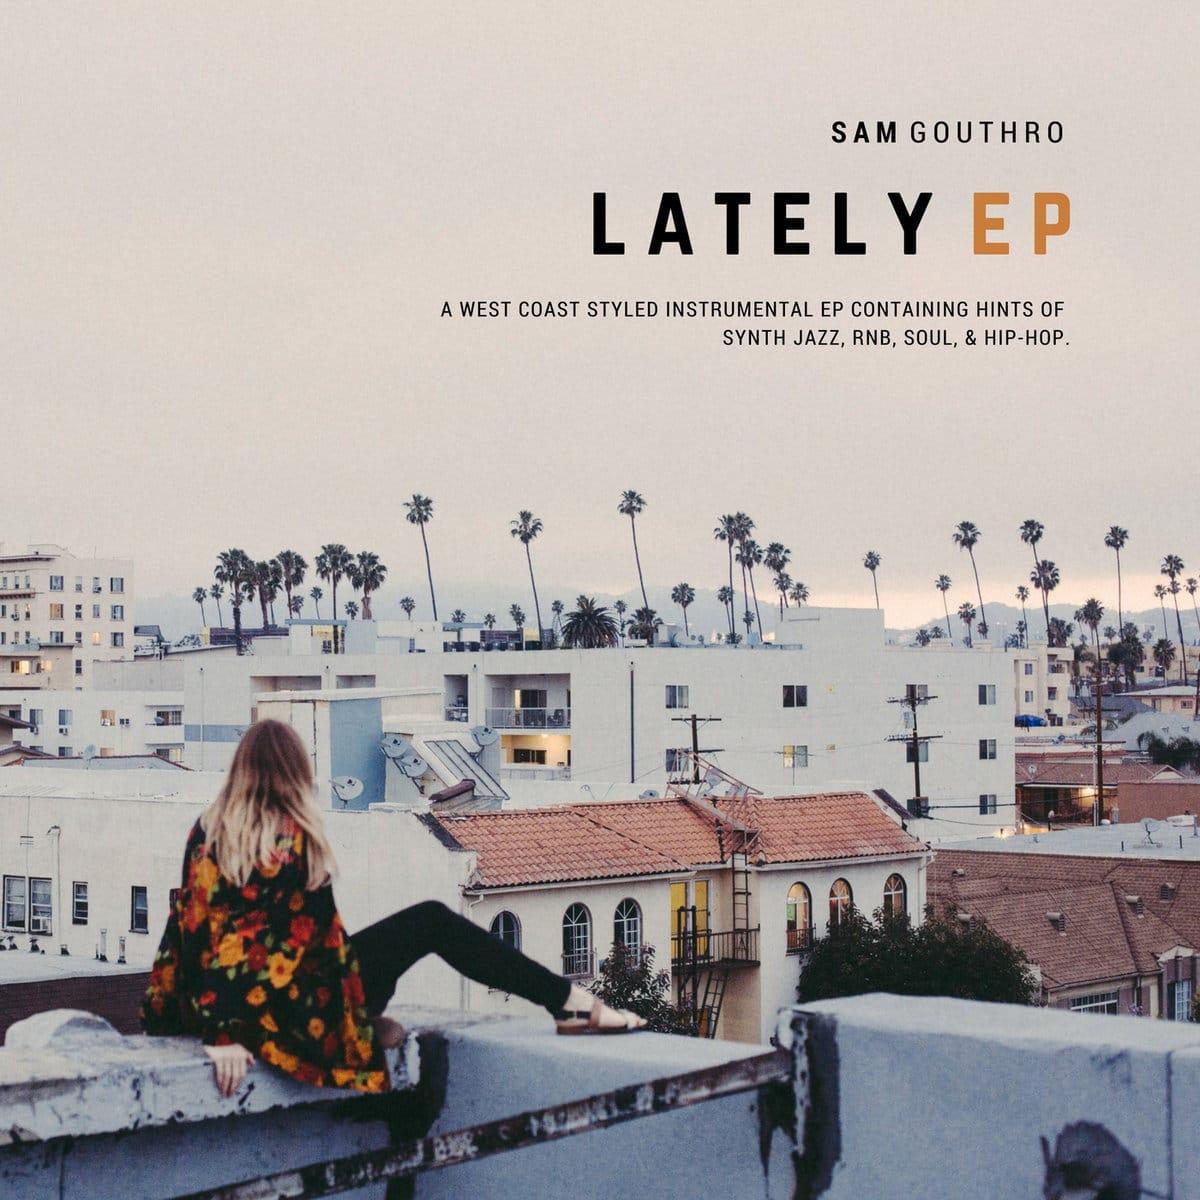 Sam Gouthro - Lately EP